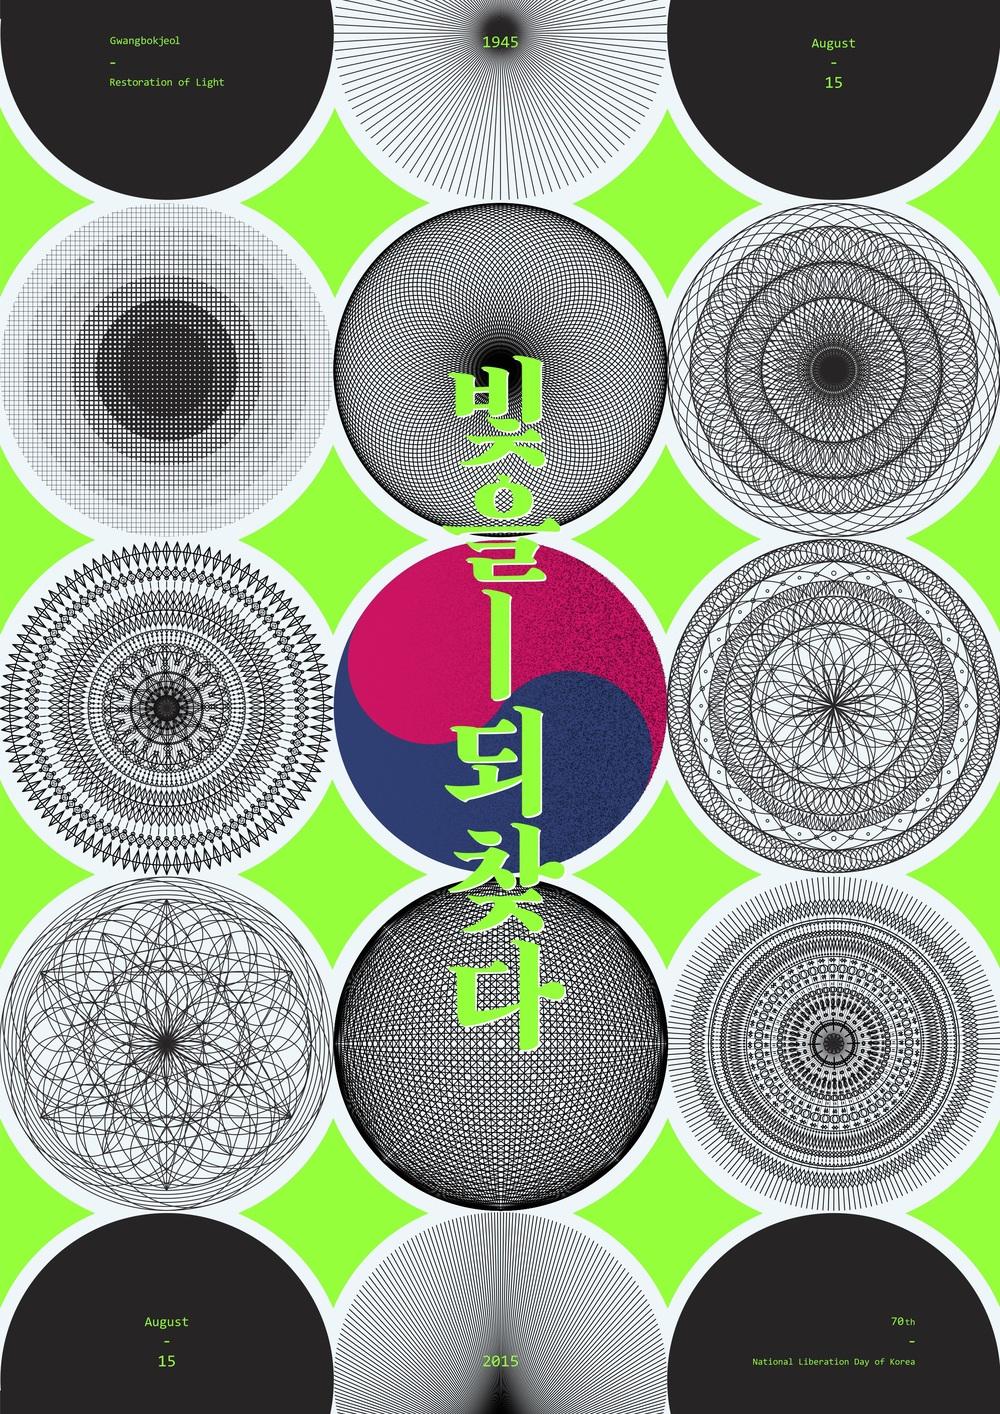 빛을 되찾다 Regaining the Light by 배수규(오세븐) Seu-Gyu Bae (O-Seven)